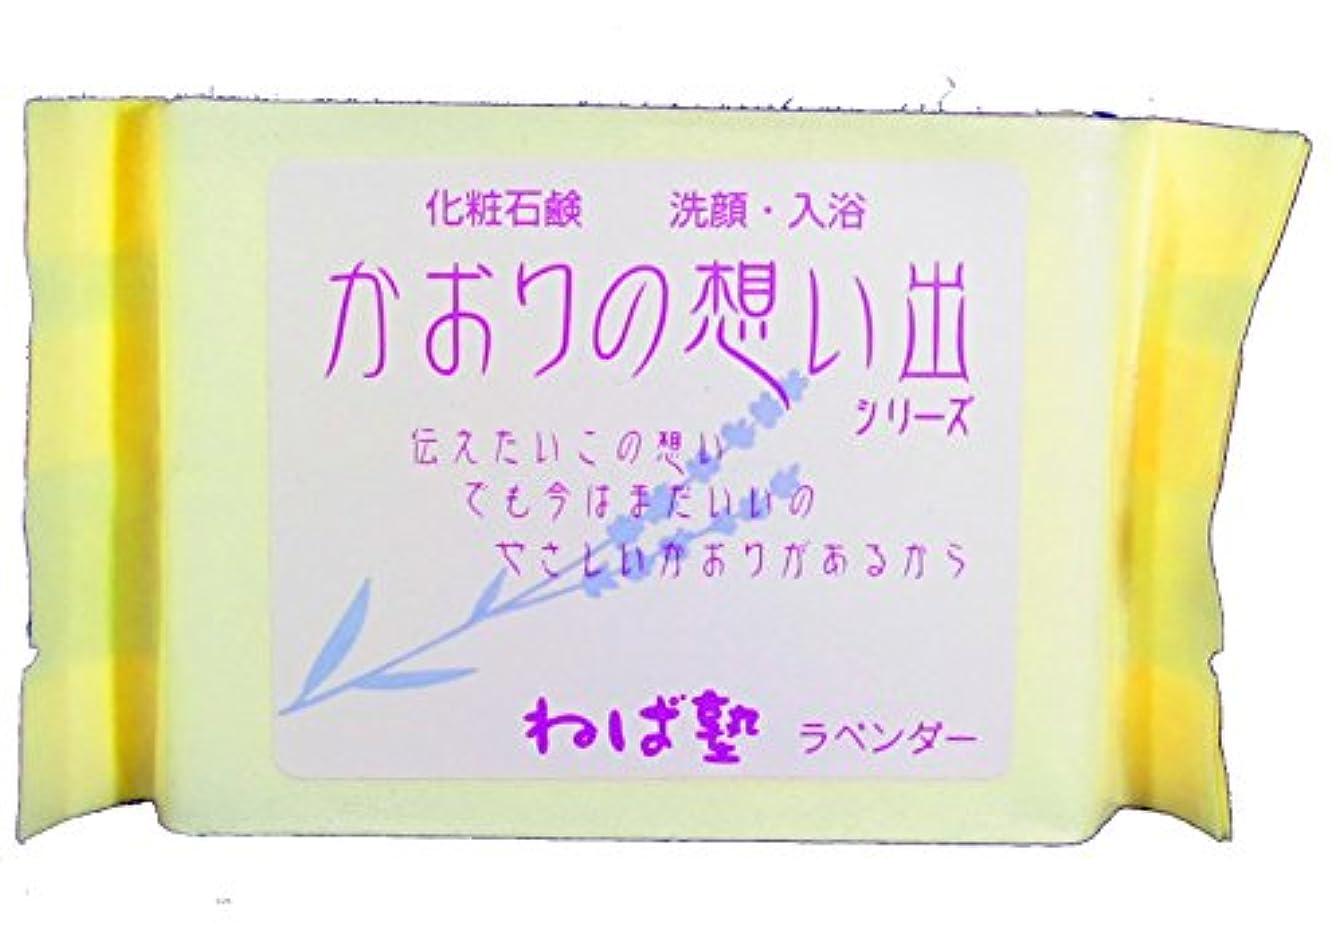 装置パケット伝記ねば塾 化粧石けん かおりの想い出 ラベンダー90g 5個セット